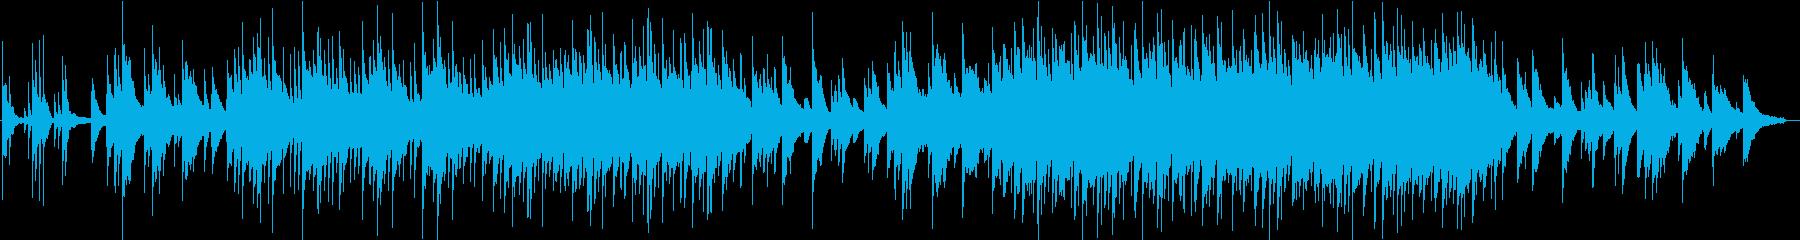 揚琴とピアノのしっとりした楽曲の再生済みの波形